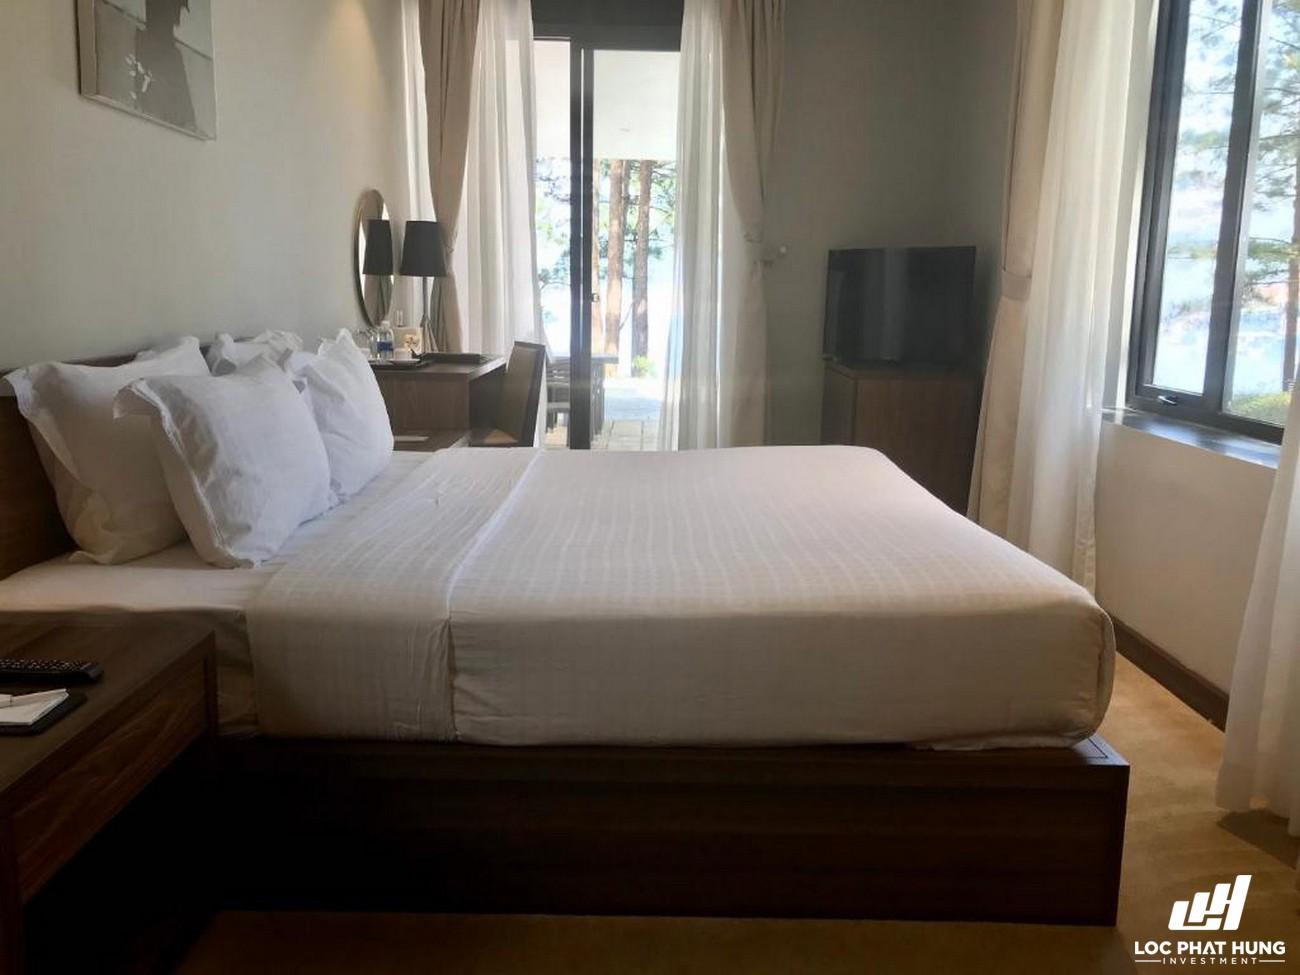 Hạng phòng classic king Resort Terracotta Hotel & Resort Dalat Phường 3 Đường 19 Hoa Hồng